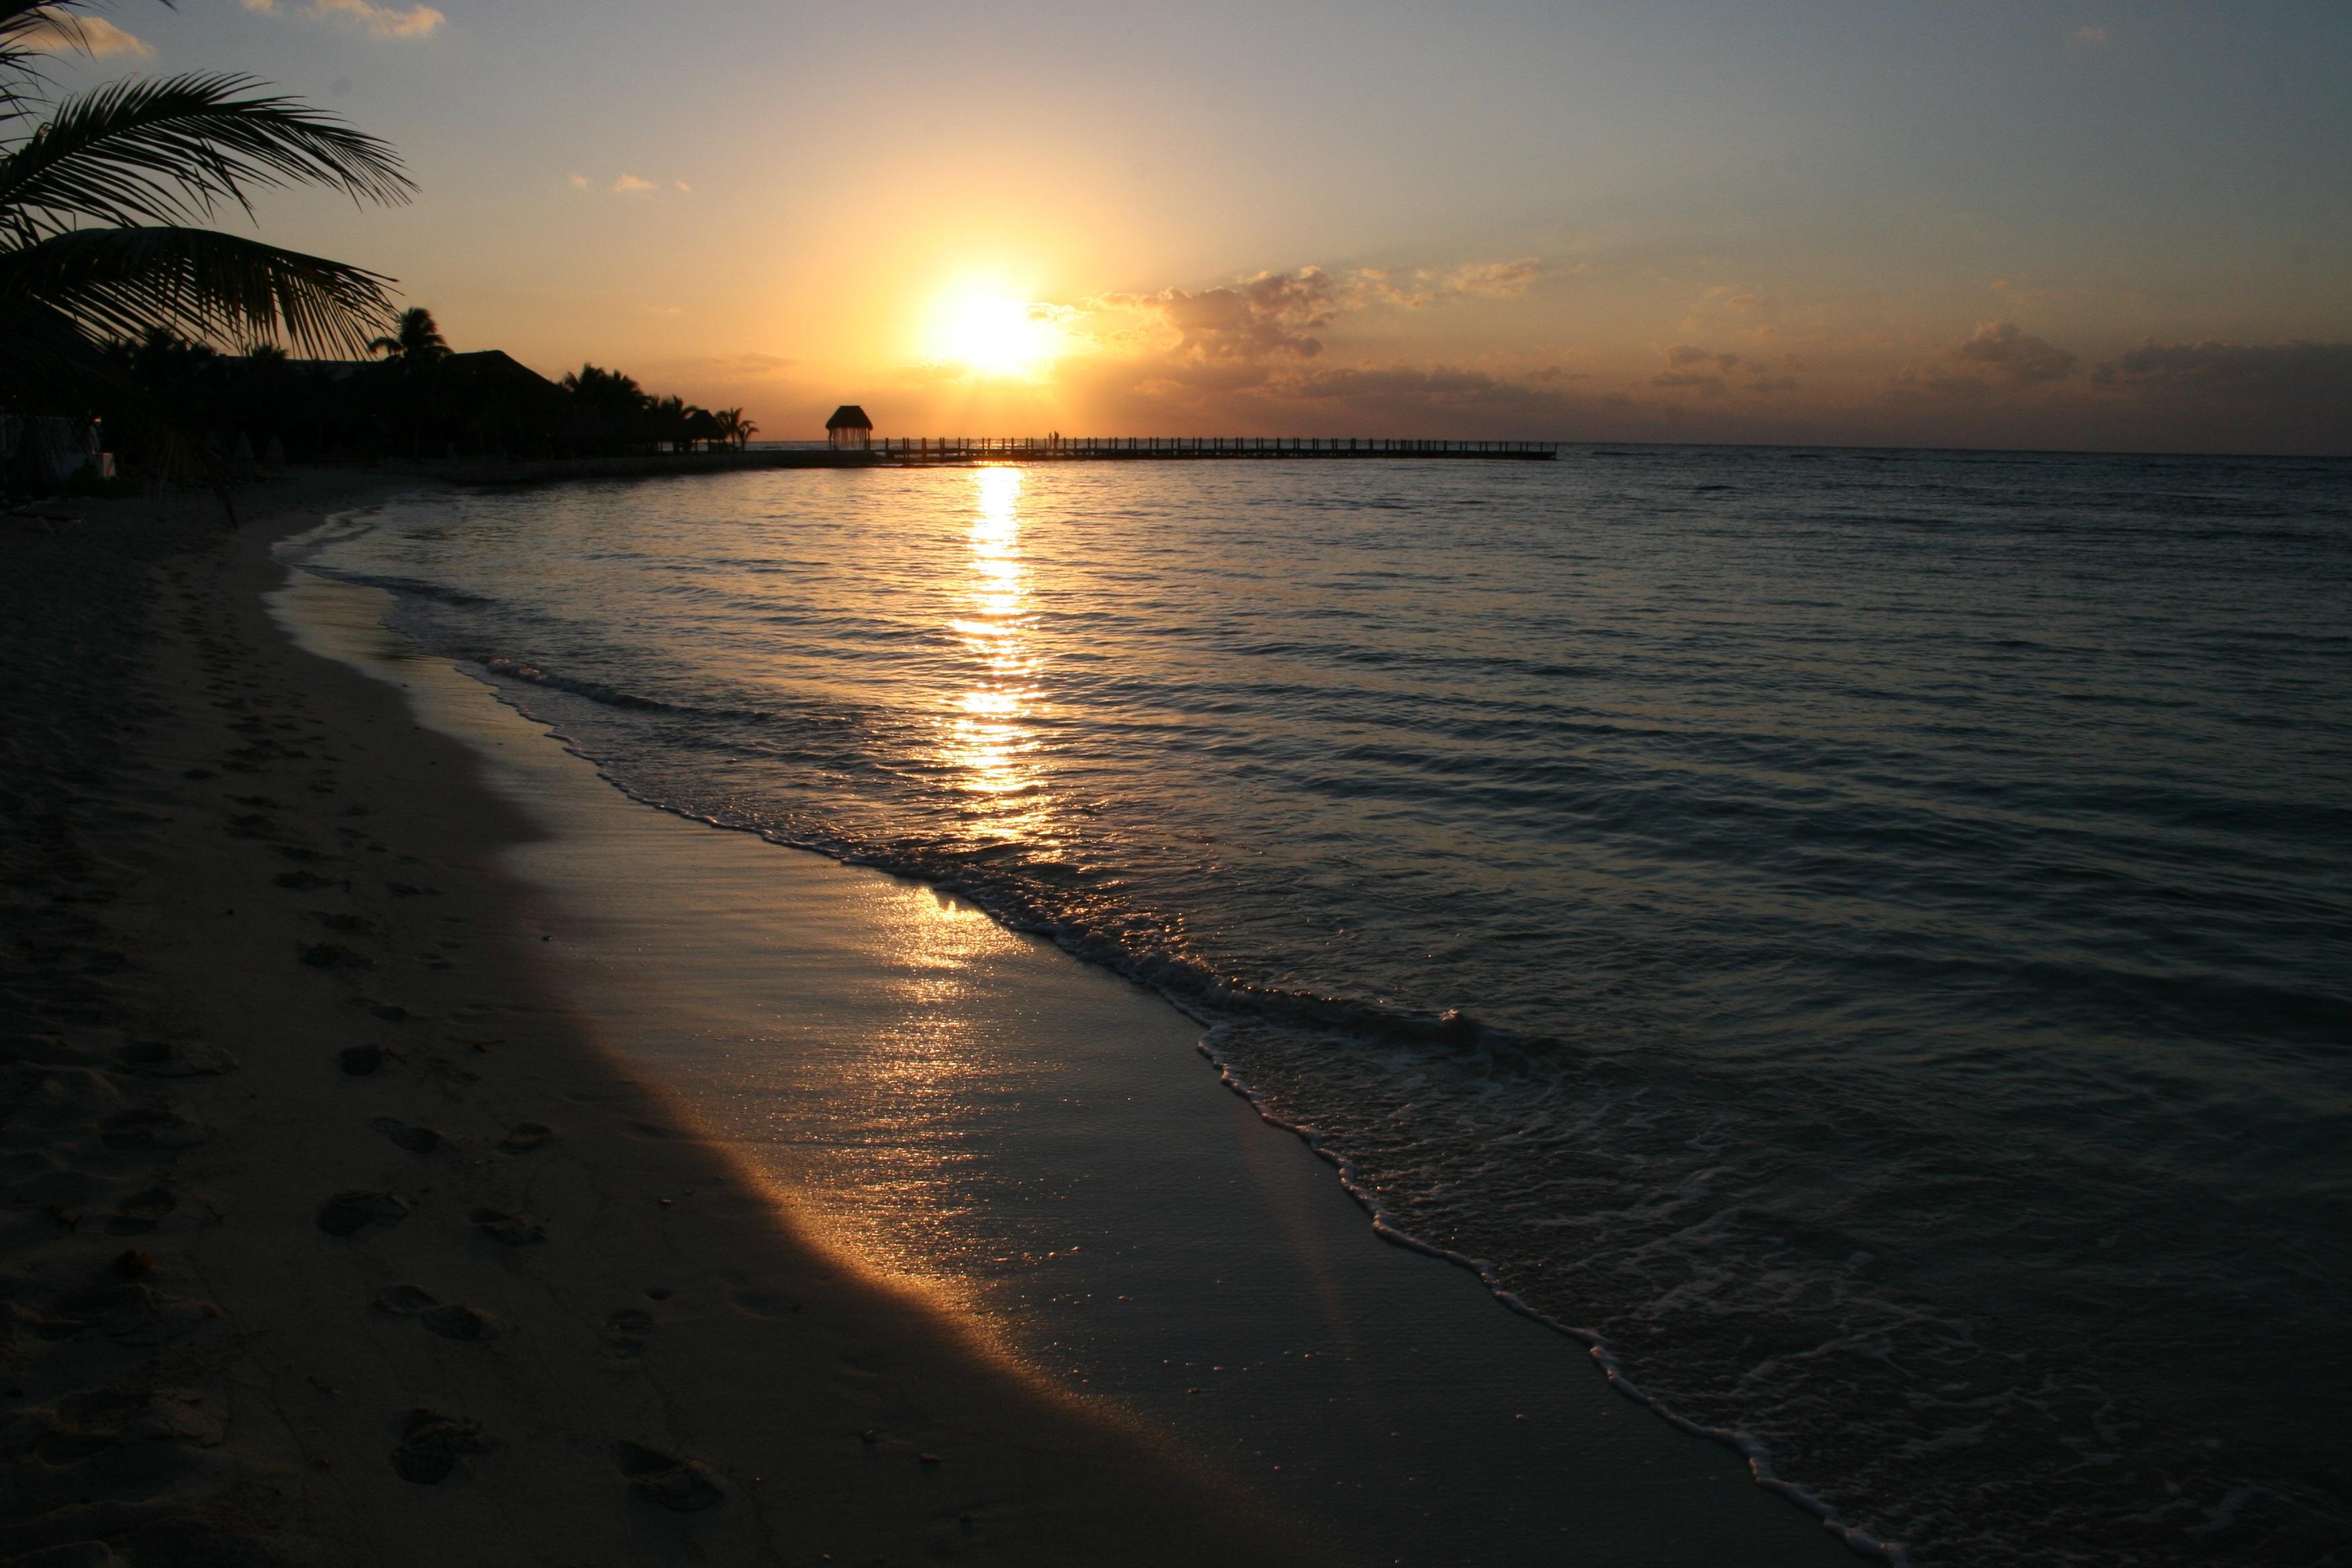 Картинки вечерний берег